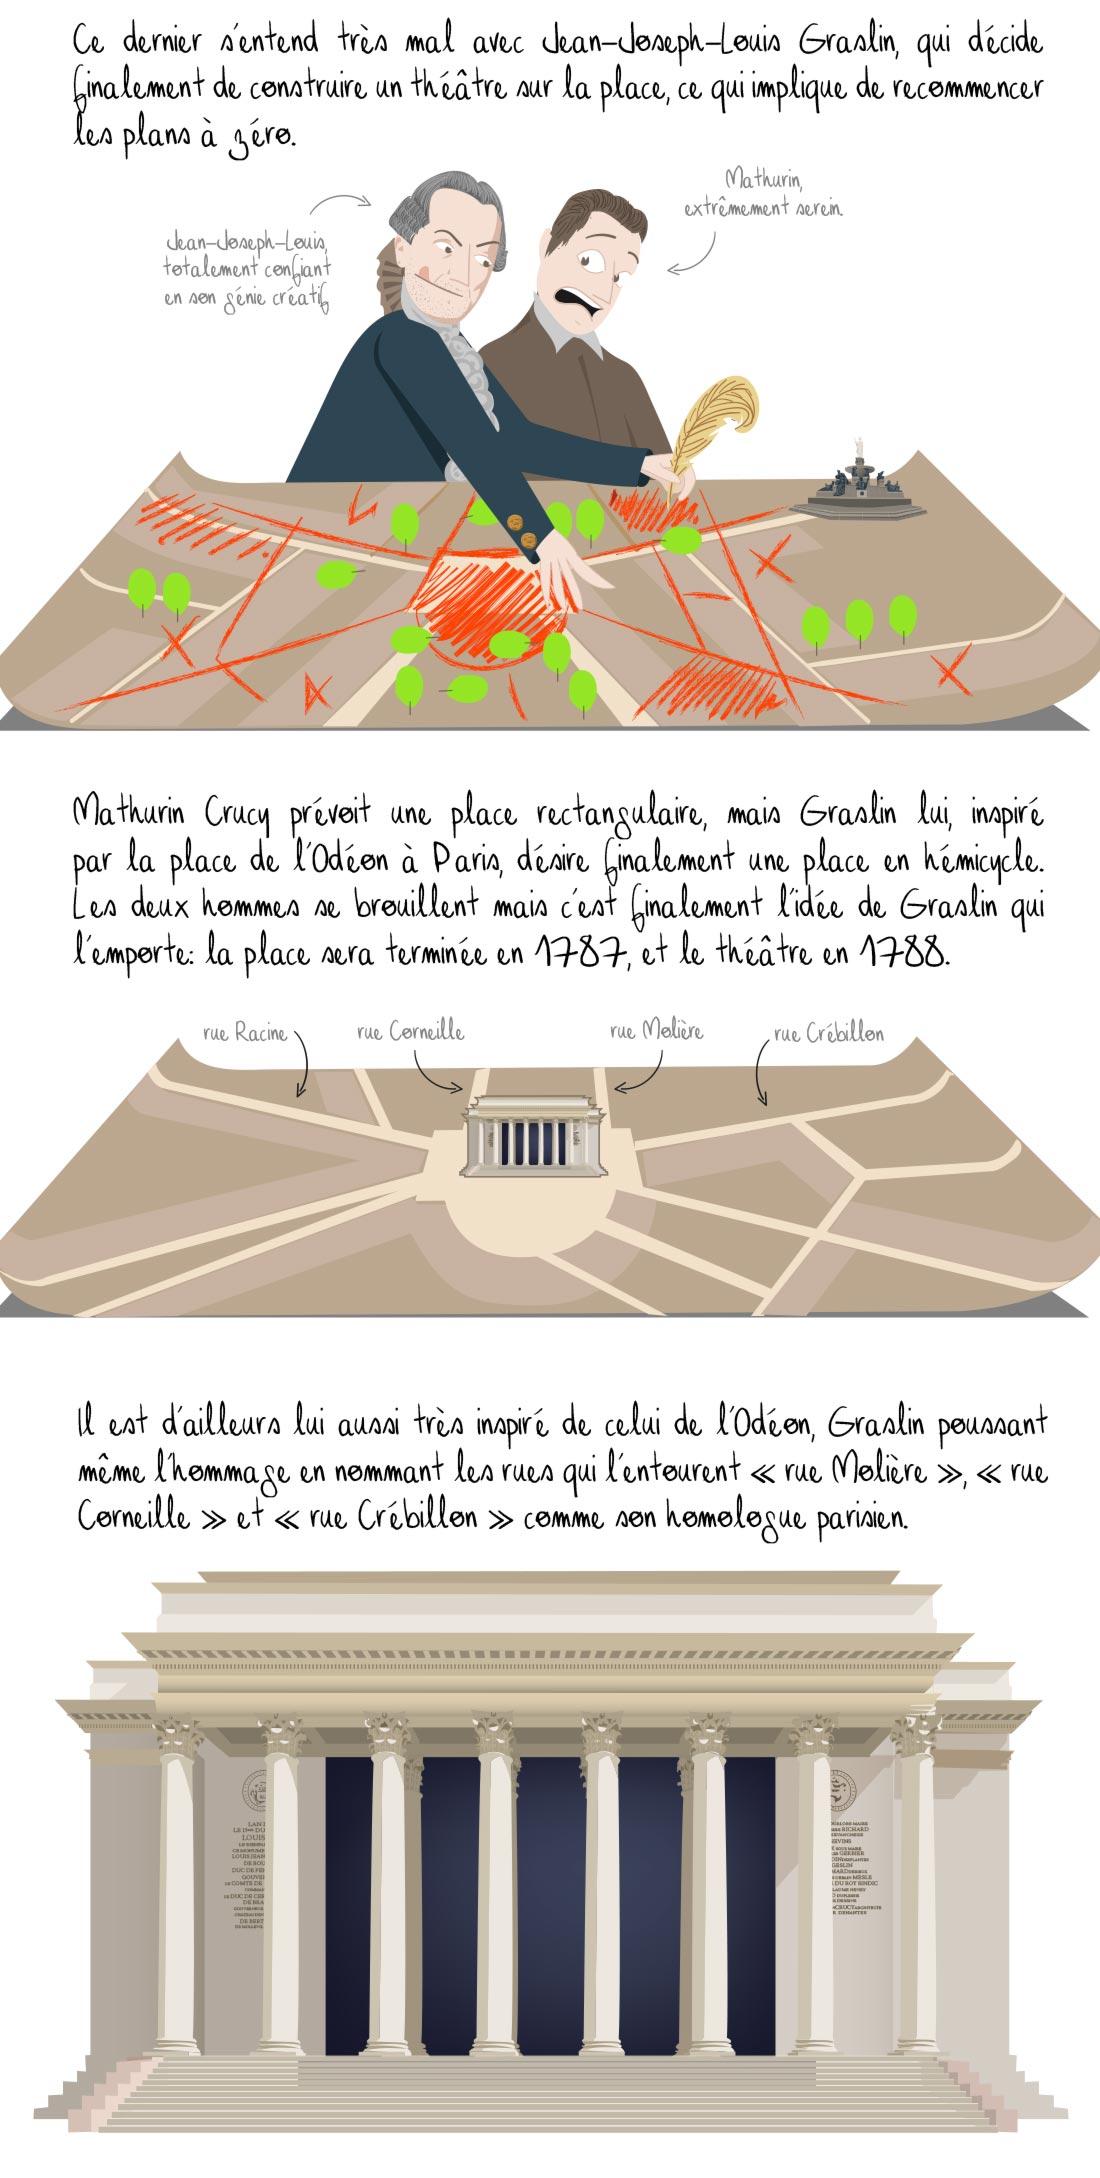 Histoire de la place Graslin, Nantes, partie 2